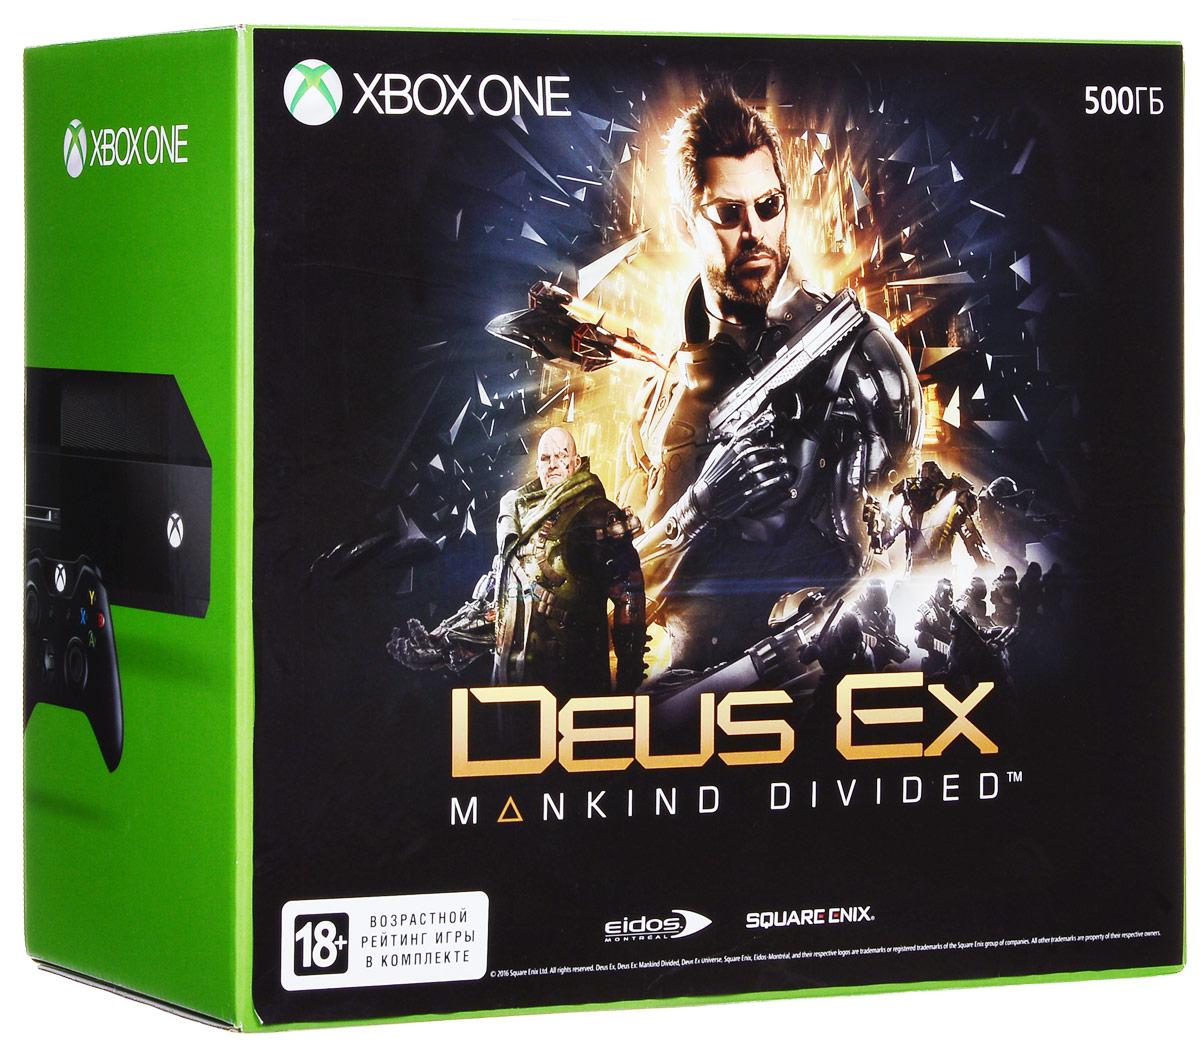 Игровая приставка Xbox One 500 ГБ + Deus Ex: Mankind Divided5C5-00119Xbox One со временем будет становиться еще лучше благодаря добавлению новых функций с бесплатными обновлениями. Благодаря новейшим облачным технологиям и новаторской конструкции геймпада консоль Xbox One дарит еще больше радости каждый день и готова к будущим играм и развлечениям.Беспроводной геймпад Xbox One дает бесподобные ощущения, точность и комфорт. Импульсные триггеры обеспечивают вибрационную обратную связь, так что ты почувствуешь малейшую тряску и столкновения с высочайшей точностью. Отзывчивые мини-джойстики и усовершенствованная крестовина повышают точность. К стандартному 3,5-мм стереогнезду можно подключить любую совместимую гарнитуру. Геймпад совместим с Xbox One, а также ПК и планшетами с Windows 10.Описание игры:2029 год. Люди с механическими модификациями признаны изгоями, живущими в полной изоляции от остального общества.Адам Дженсен, теперь уже опытный секретный агент, вынужден действовать в мире, который презирает таких, как он. Вооруженный арсеналом самого современного оружия и передовыми имплантами, он должен выбрать правильную стратегию поведения, попутно выясняя, кому можно доверять, чтобы раскрыть всемирный заговор.Исследуйте различные места и узнайте, что ждет вас в ближайшем будущем, когда судьба человечества висит на волоске. Угнетение модифицированных людей породило атмосферу страха и обиды, что привело к эскалации преступности и террористическим актам. Среди всего этого хаоса за кулисами действуют тайные организации, пытаясь манипулировать человечеством и решать его судьбу.Станьте непревзойденным специальным агентом. Выберите оружие и аугментации из огромного количества, доступного в игре, и настройте их под себя. Откройте новые возможности, доведите до совершенства социальные и боевые навыки, взлом и маскировку, и решите, как должен развиваться ваш персонаж, чтобы соответствовать вашему стилю игры. Погрузитесь в знаменитый мир Deus Ex, в котором исход игры напрямую з